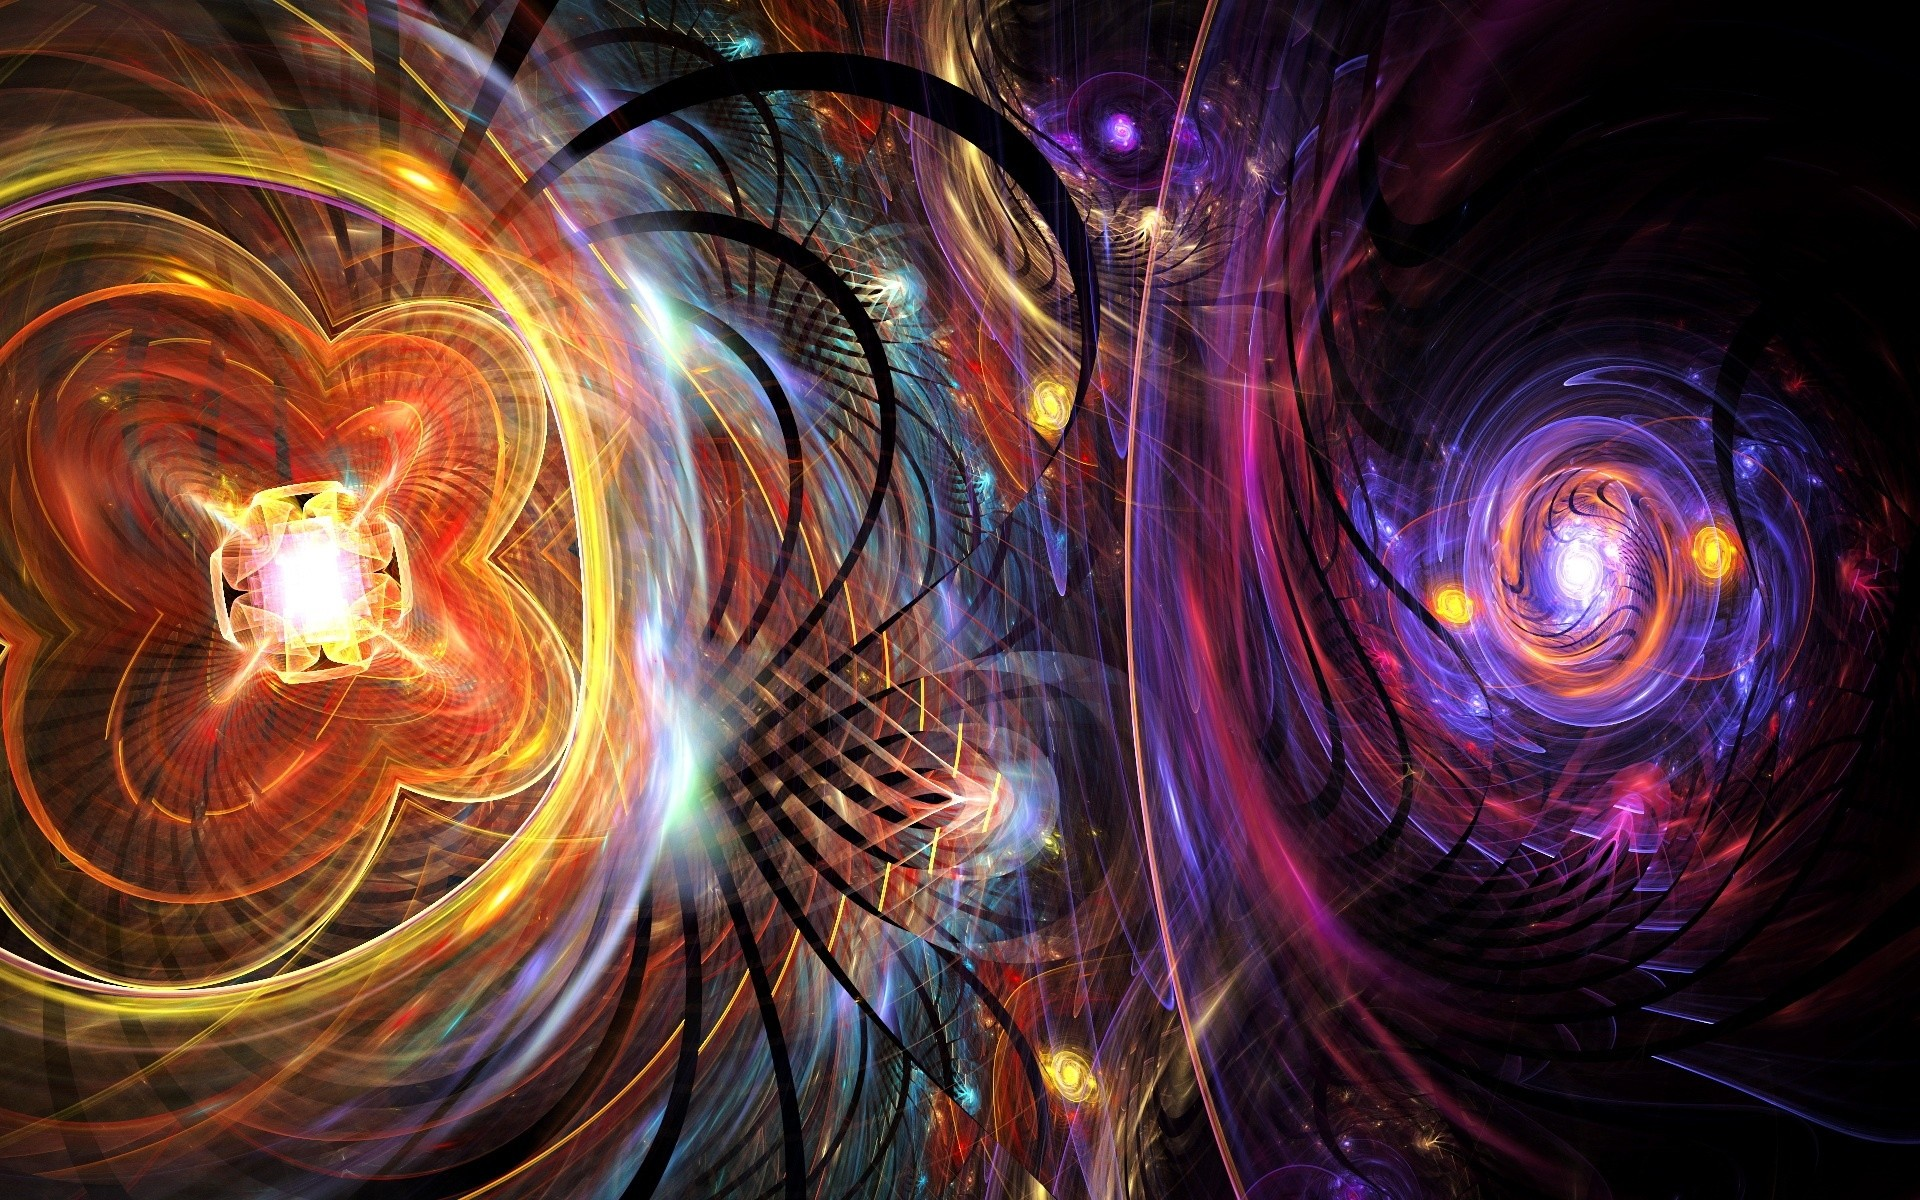 Luces de neon abstractas - 1920x1200